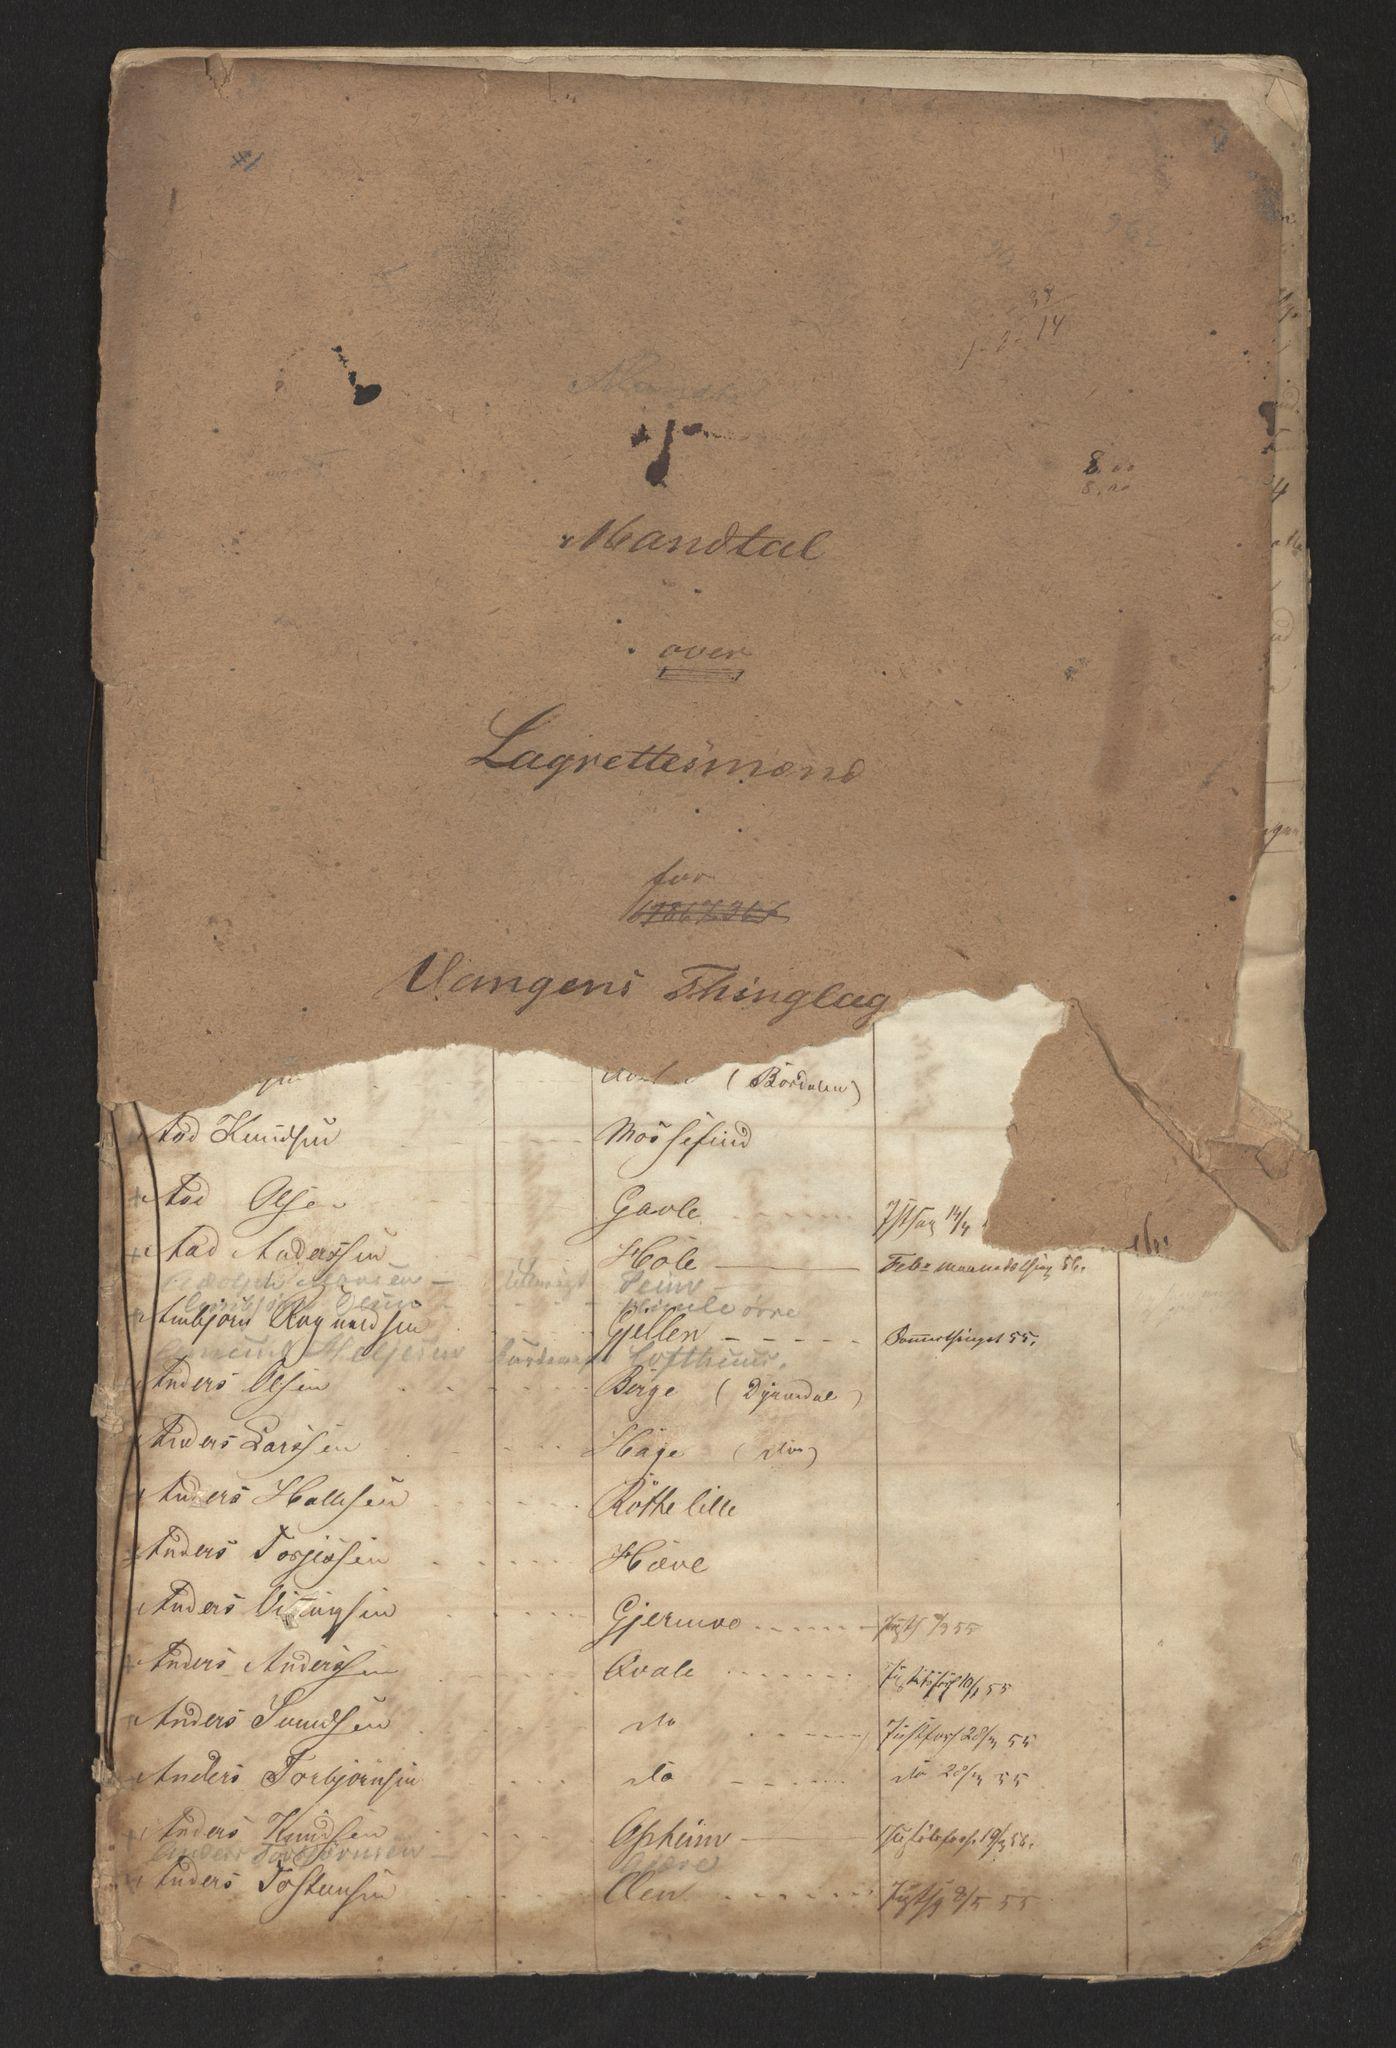 SAB, Lensmannen i Voss, 0003/L0001: Manntal for val av lagrettemenn, 1854-1887